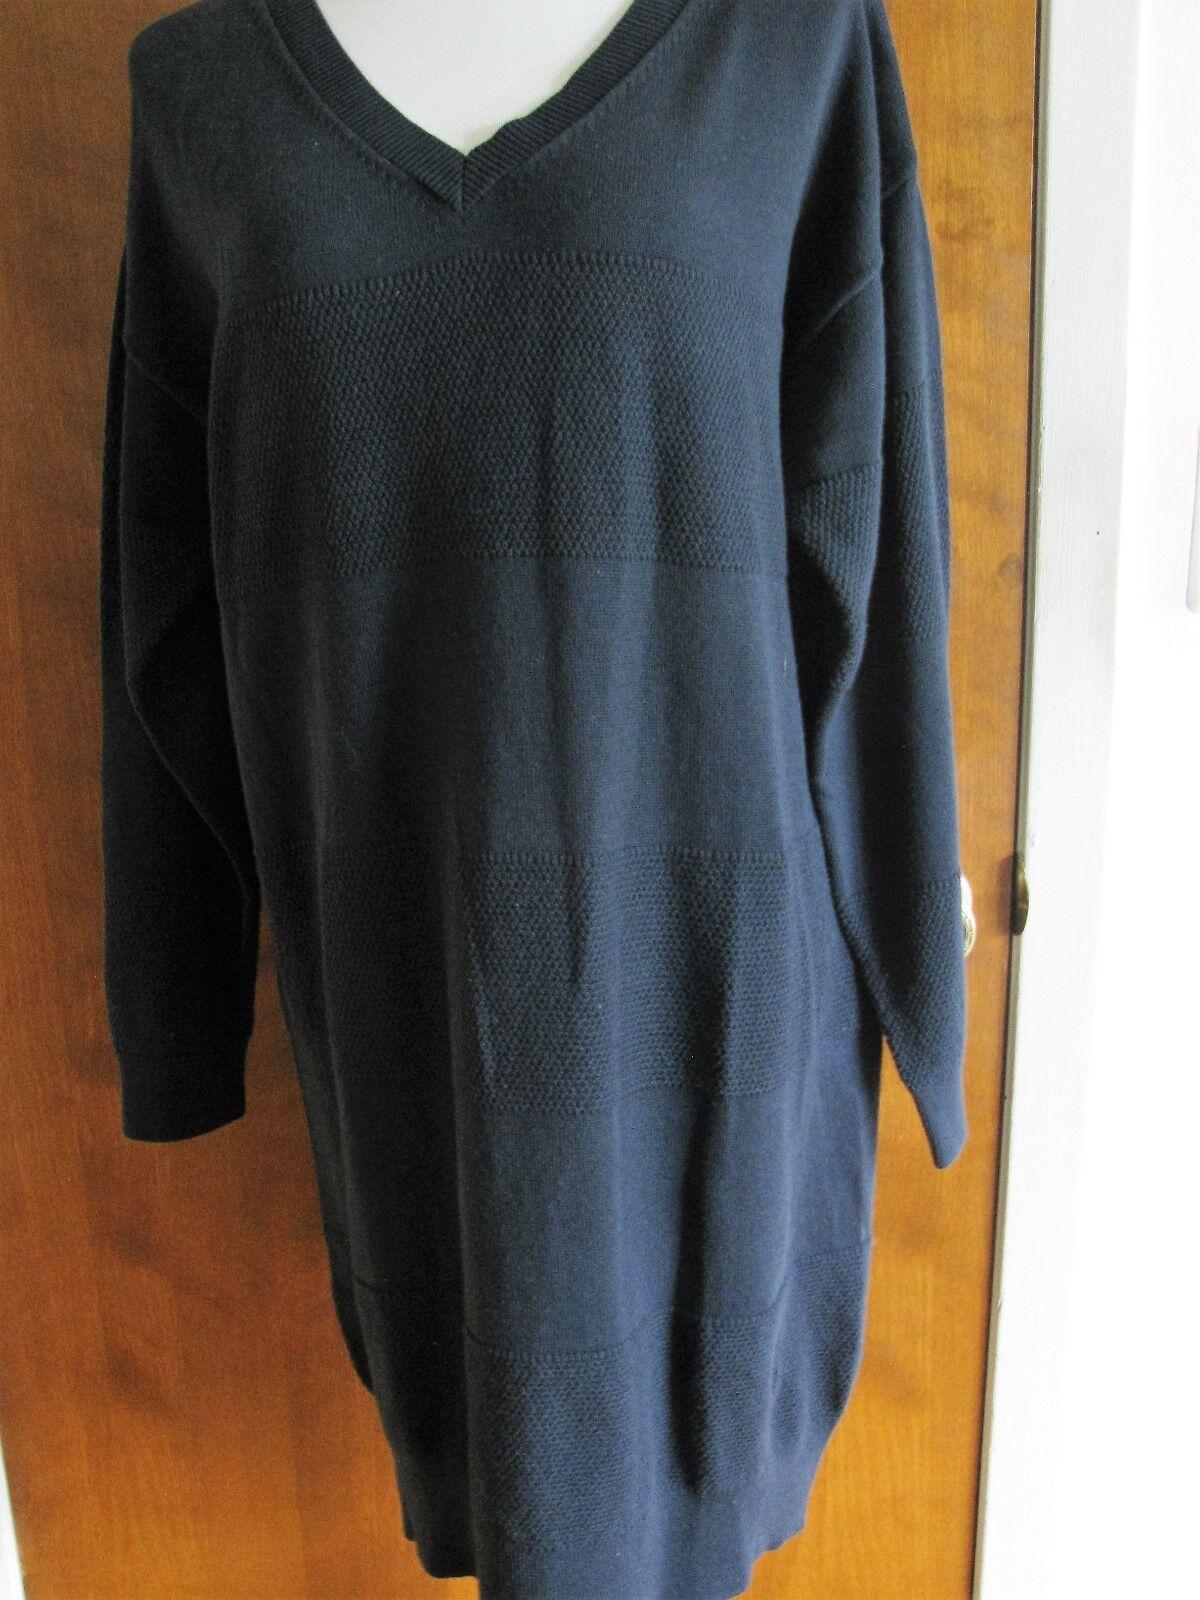 Gap damen dark navy Cotton Sweater Dress Größe Xlarge NWT